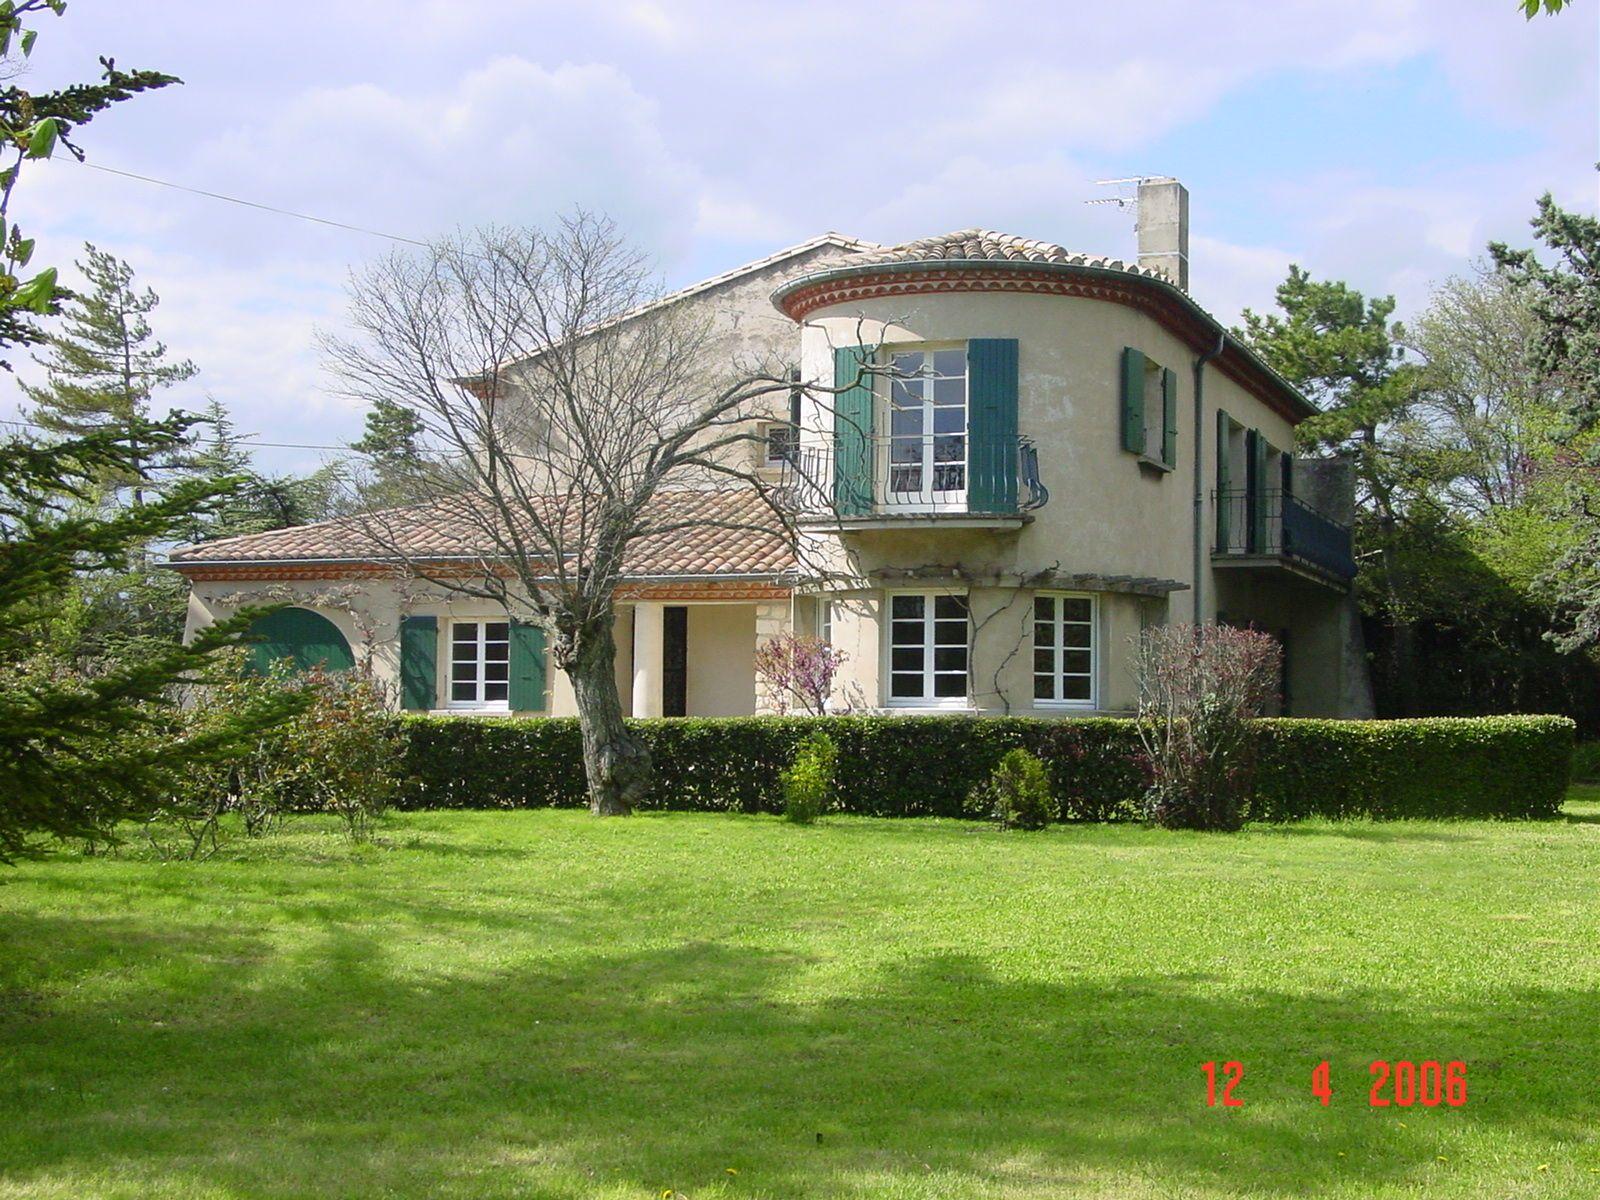 Loue maison à Bonlieu sur Roubion (26) 10couchages